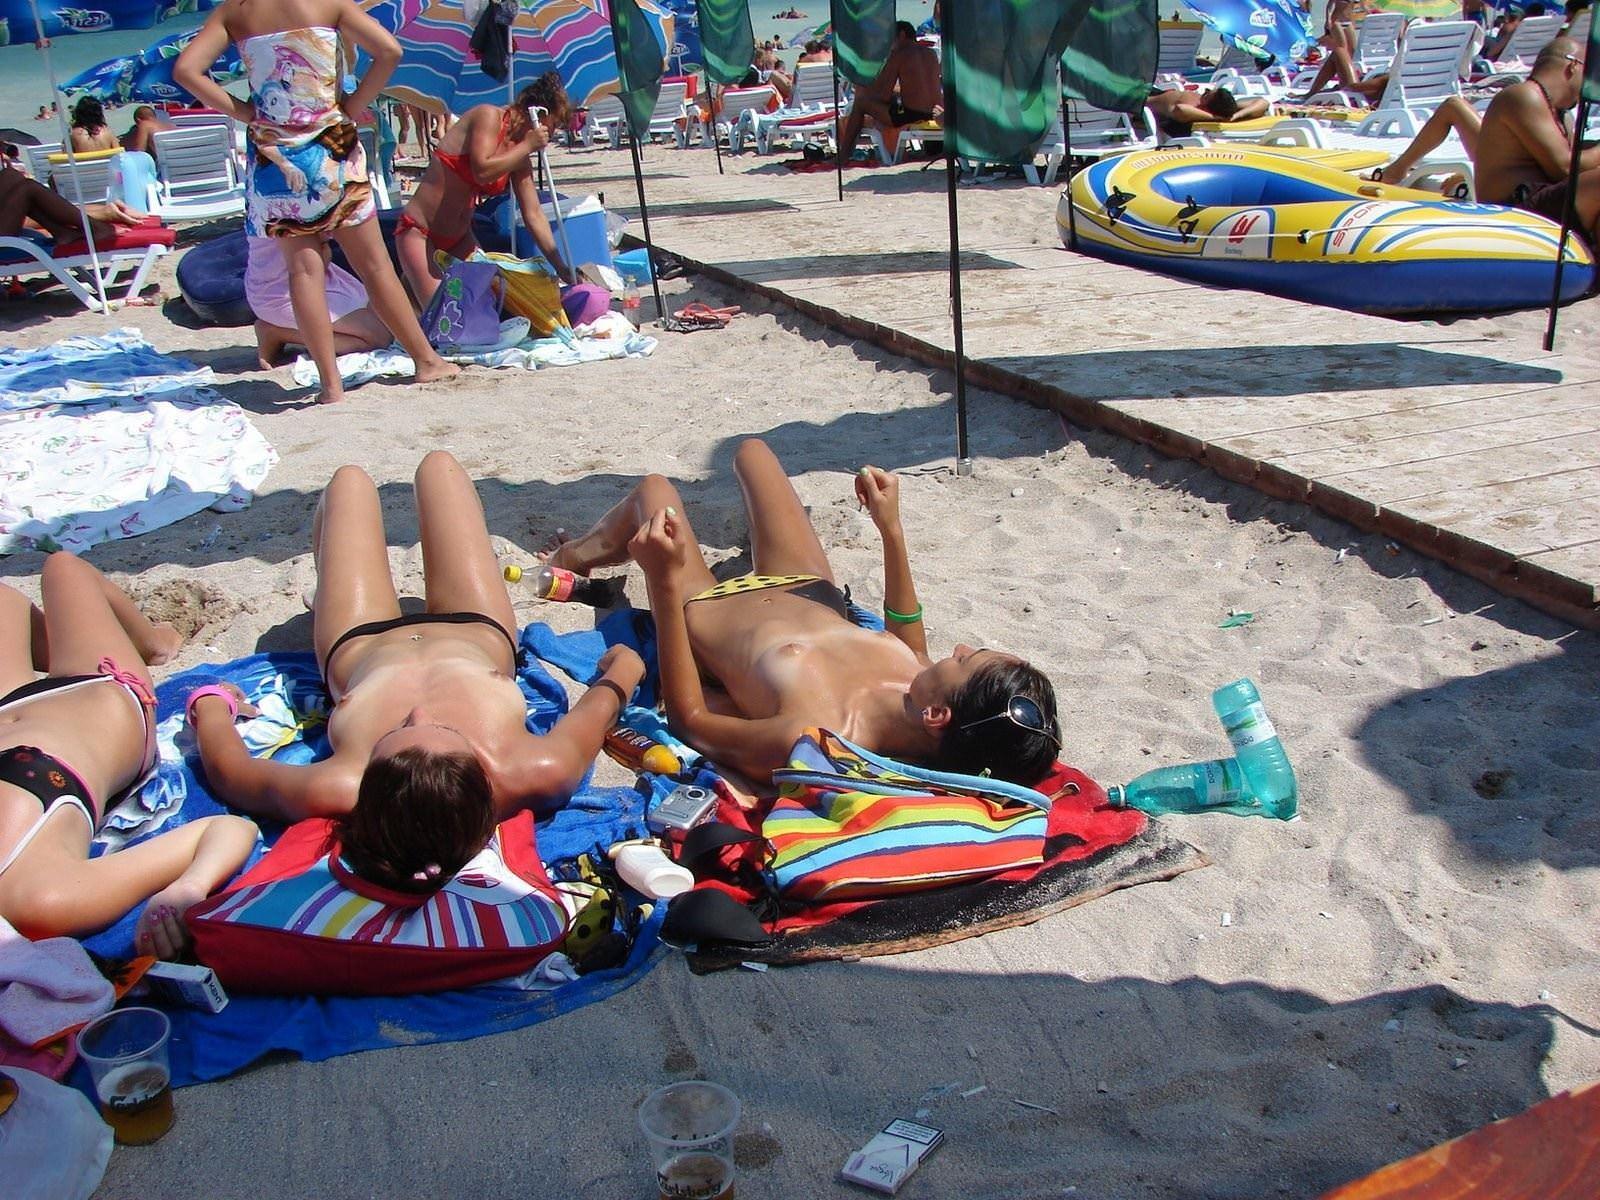 【外人】ヌーディストビーチで髪金の姉ちゃん盗撮し放題な露出エロ画像 971